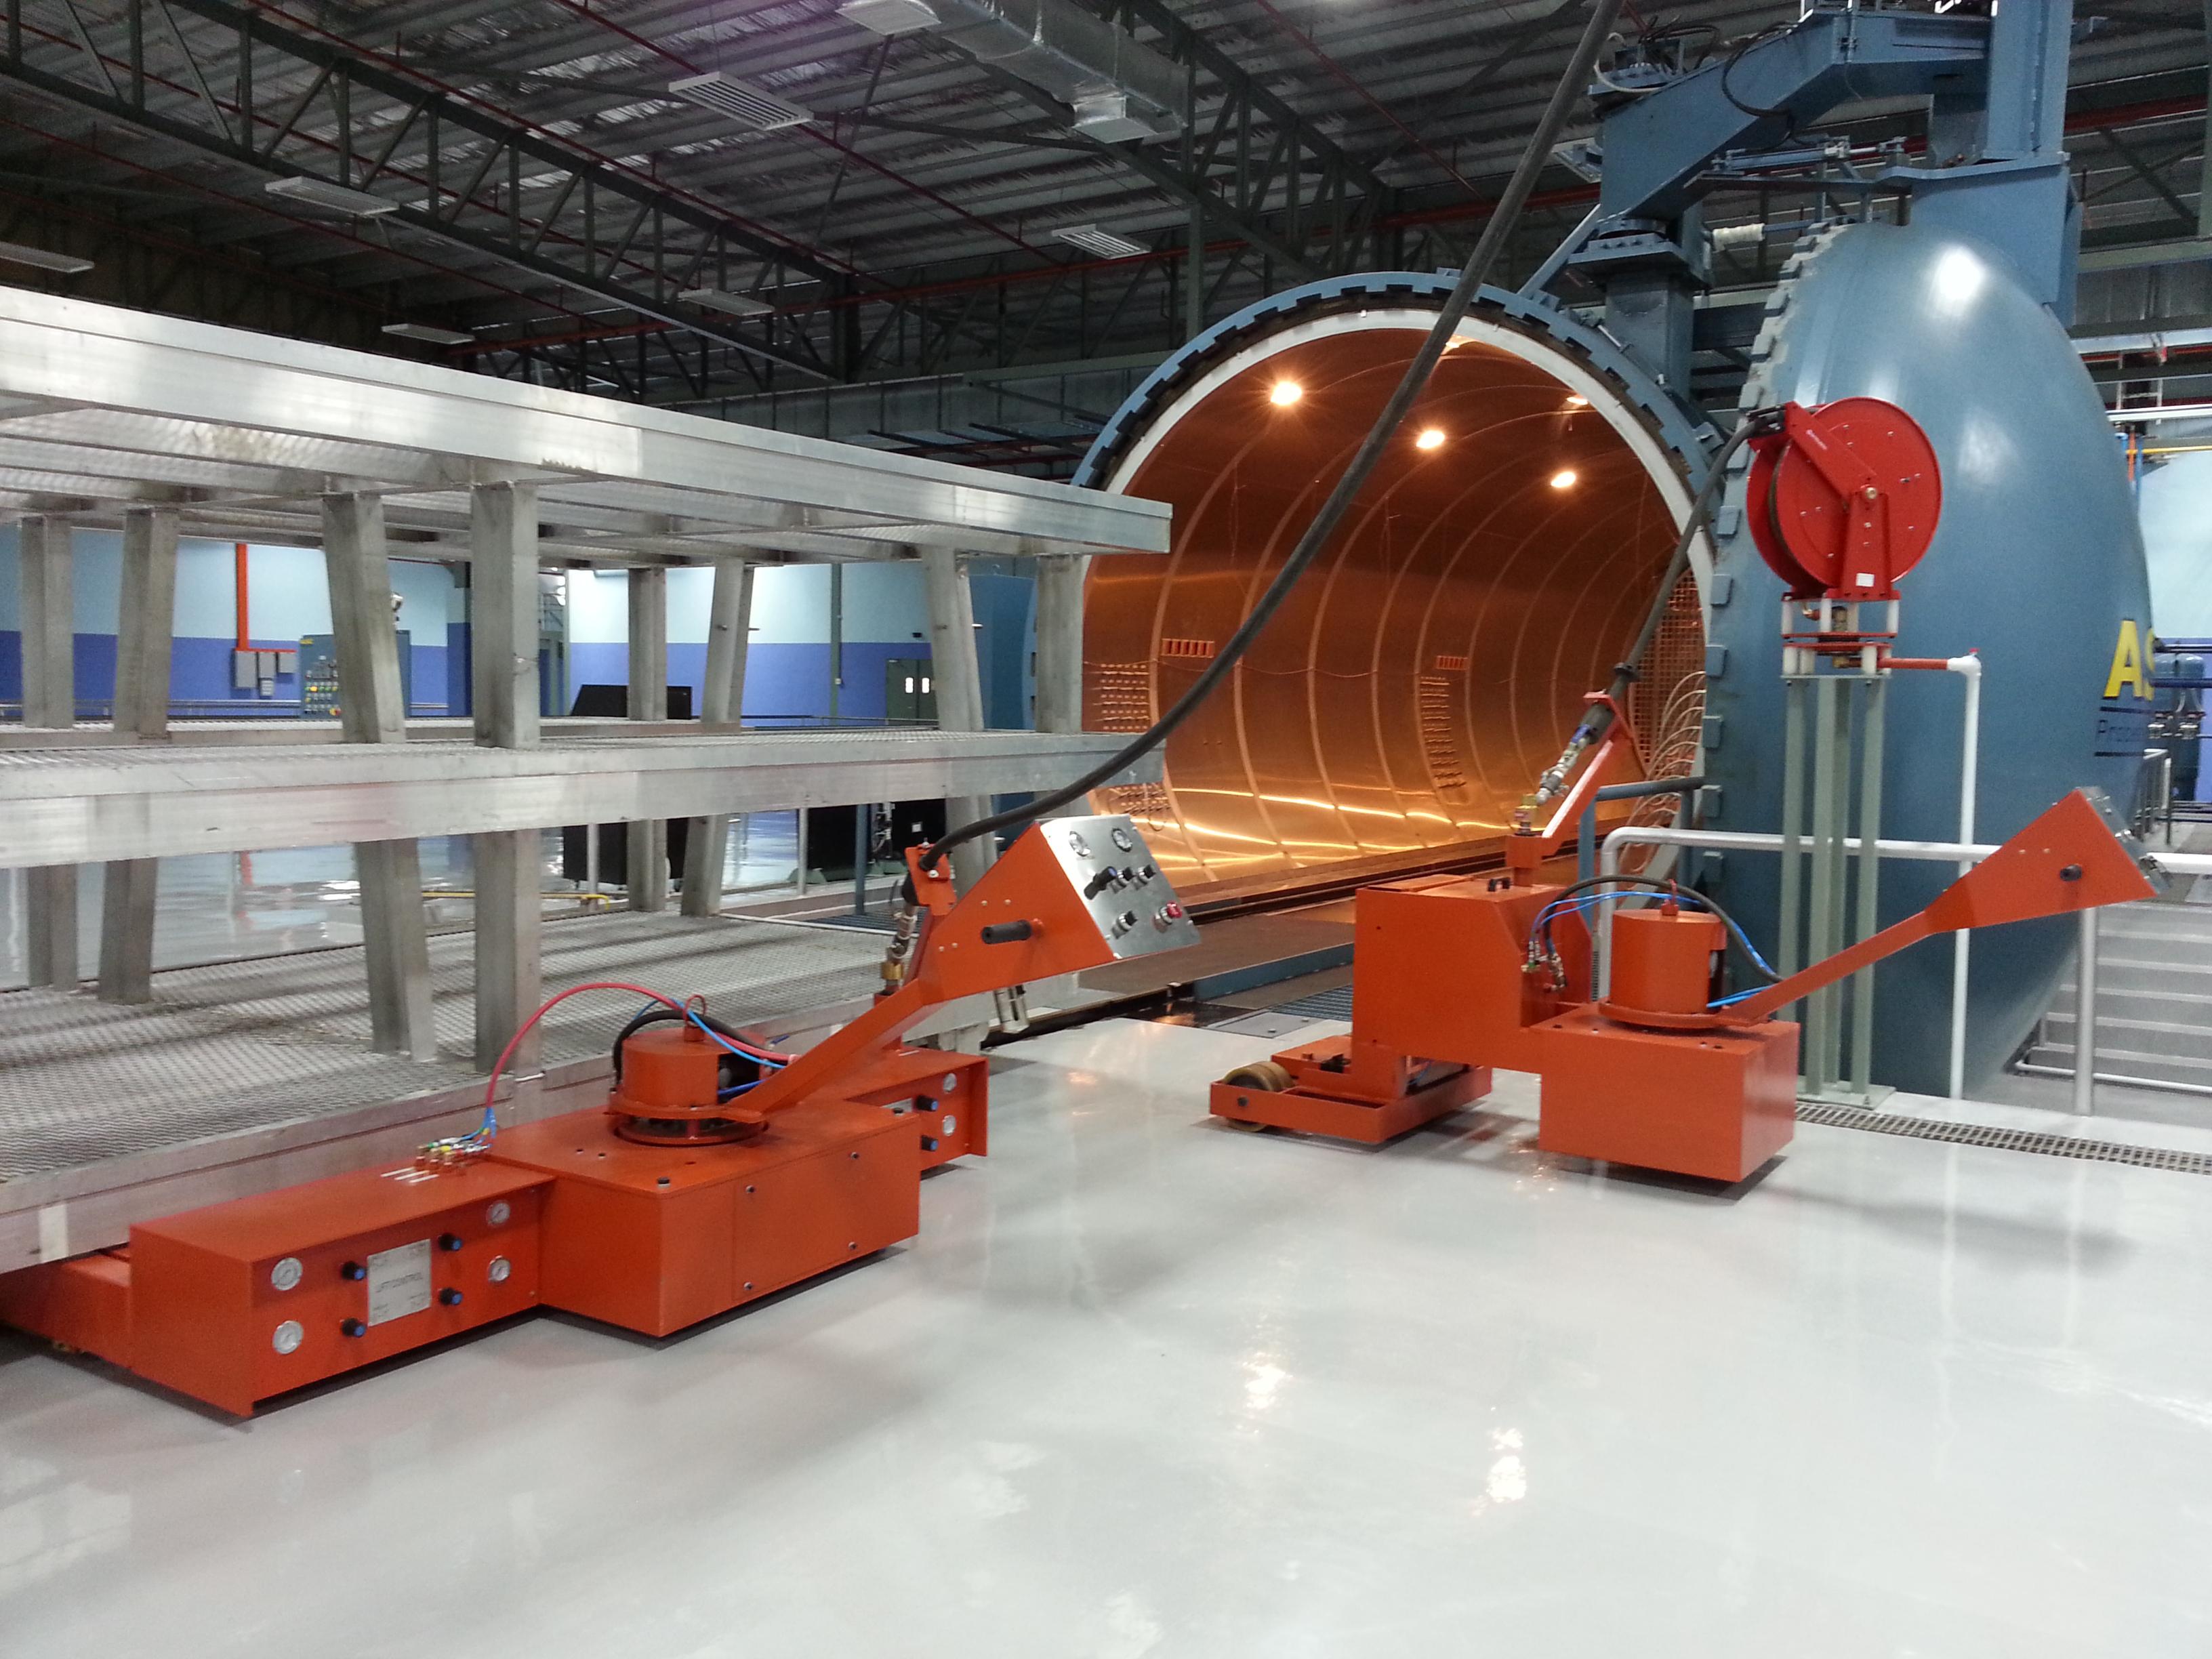 波音(天津)复合材料有限公司 & 波音(马来西亚)先进材料有限公司